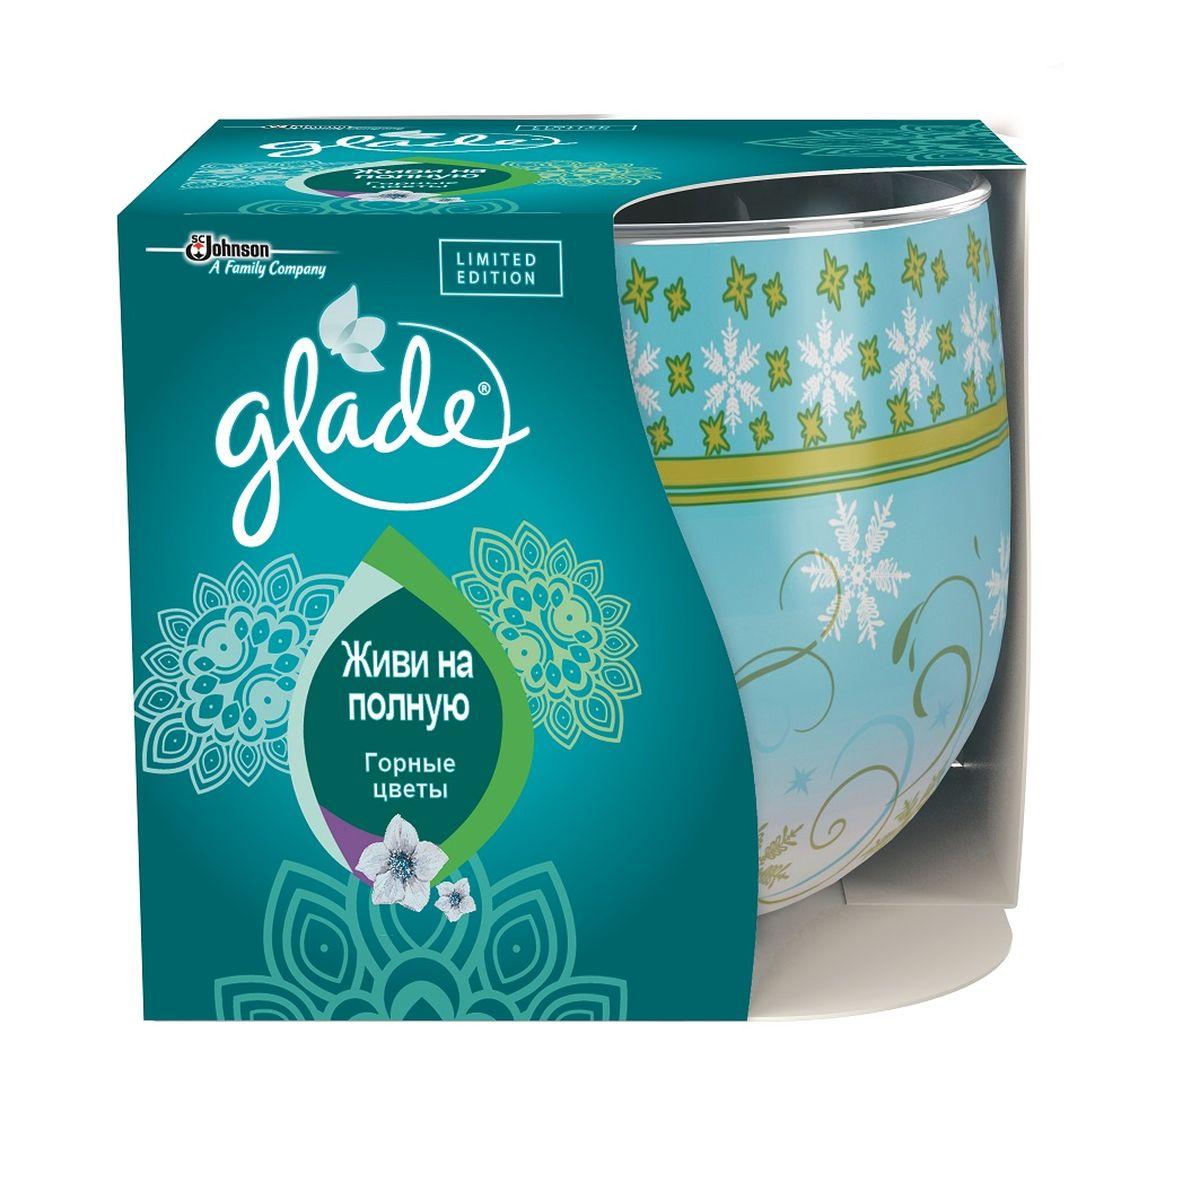 Свеча ароматизированная Glade Живи на полную, горные цветы, 120 г684768